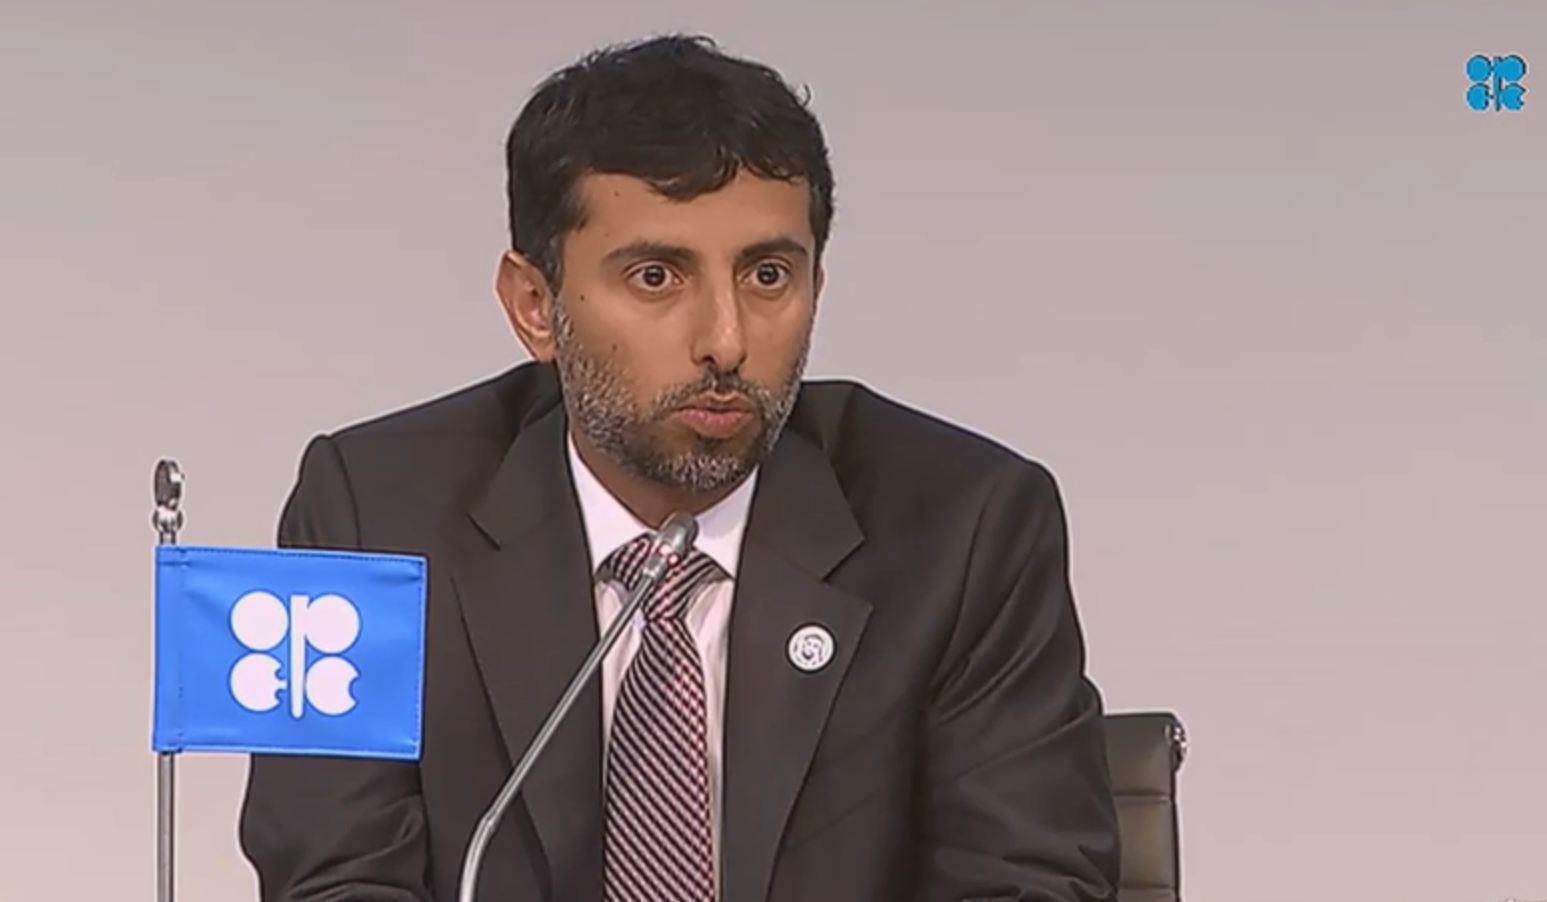 Opec president Suhail Mohammed Faraj Al Mazroui